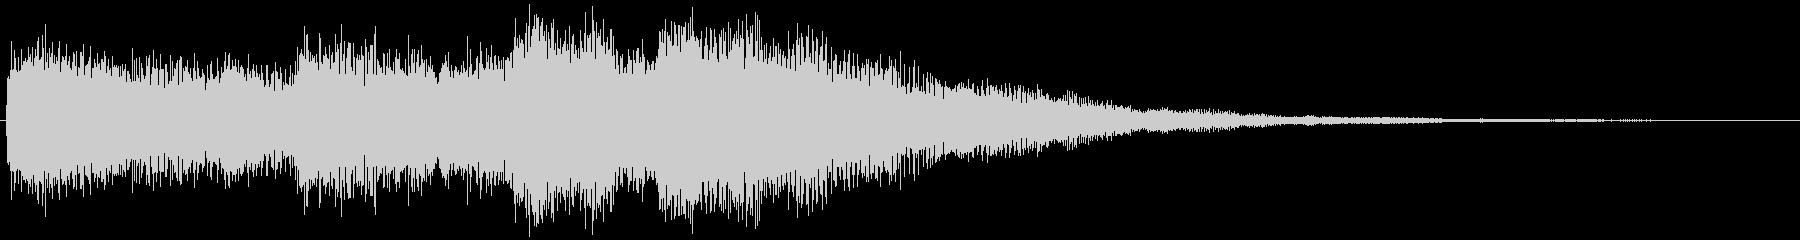 使いやすいアイキャッチの未再生の波形